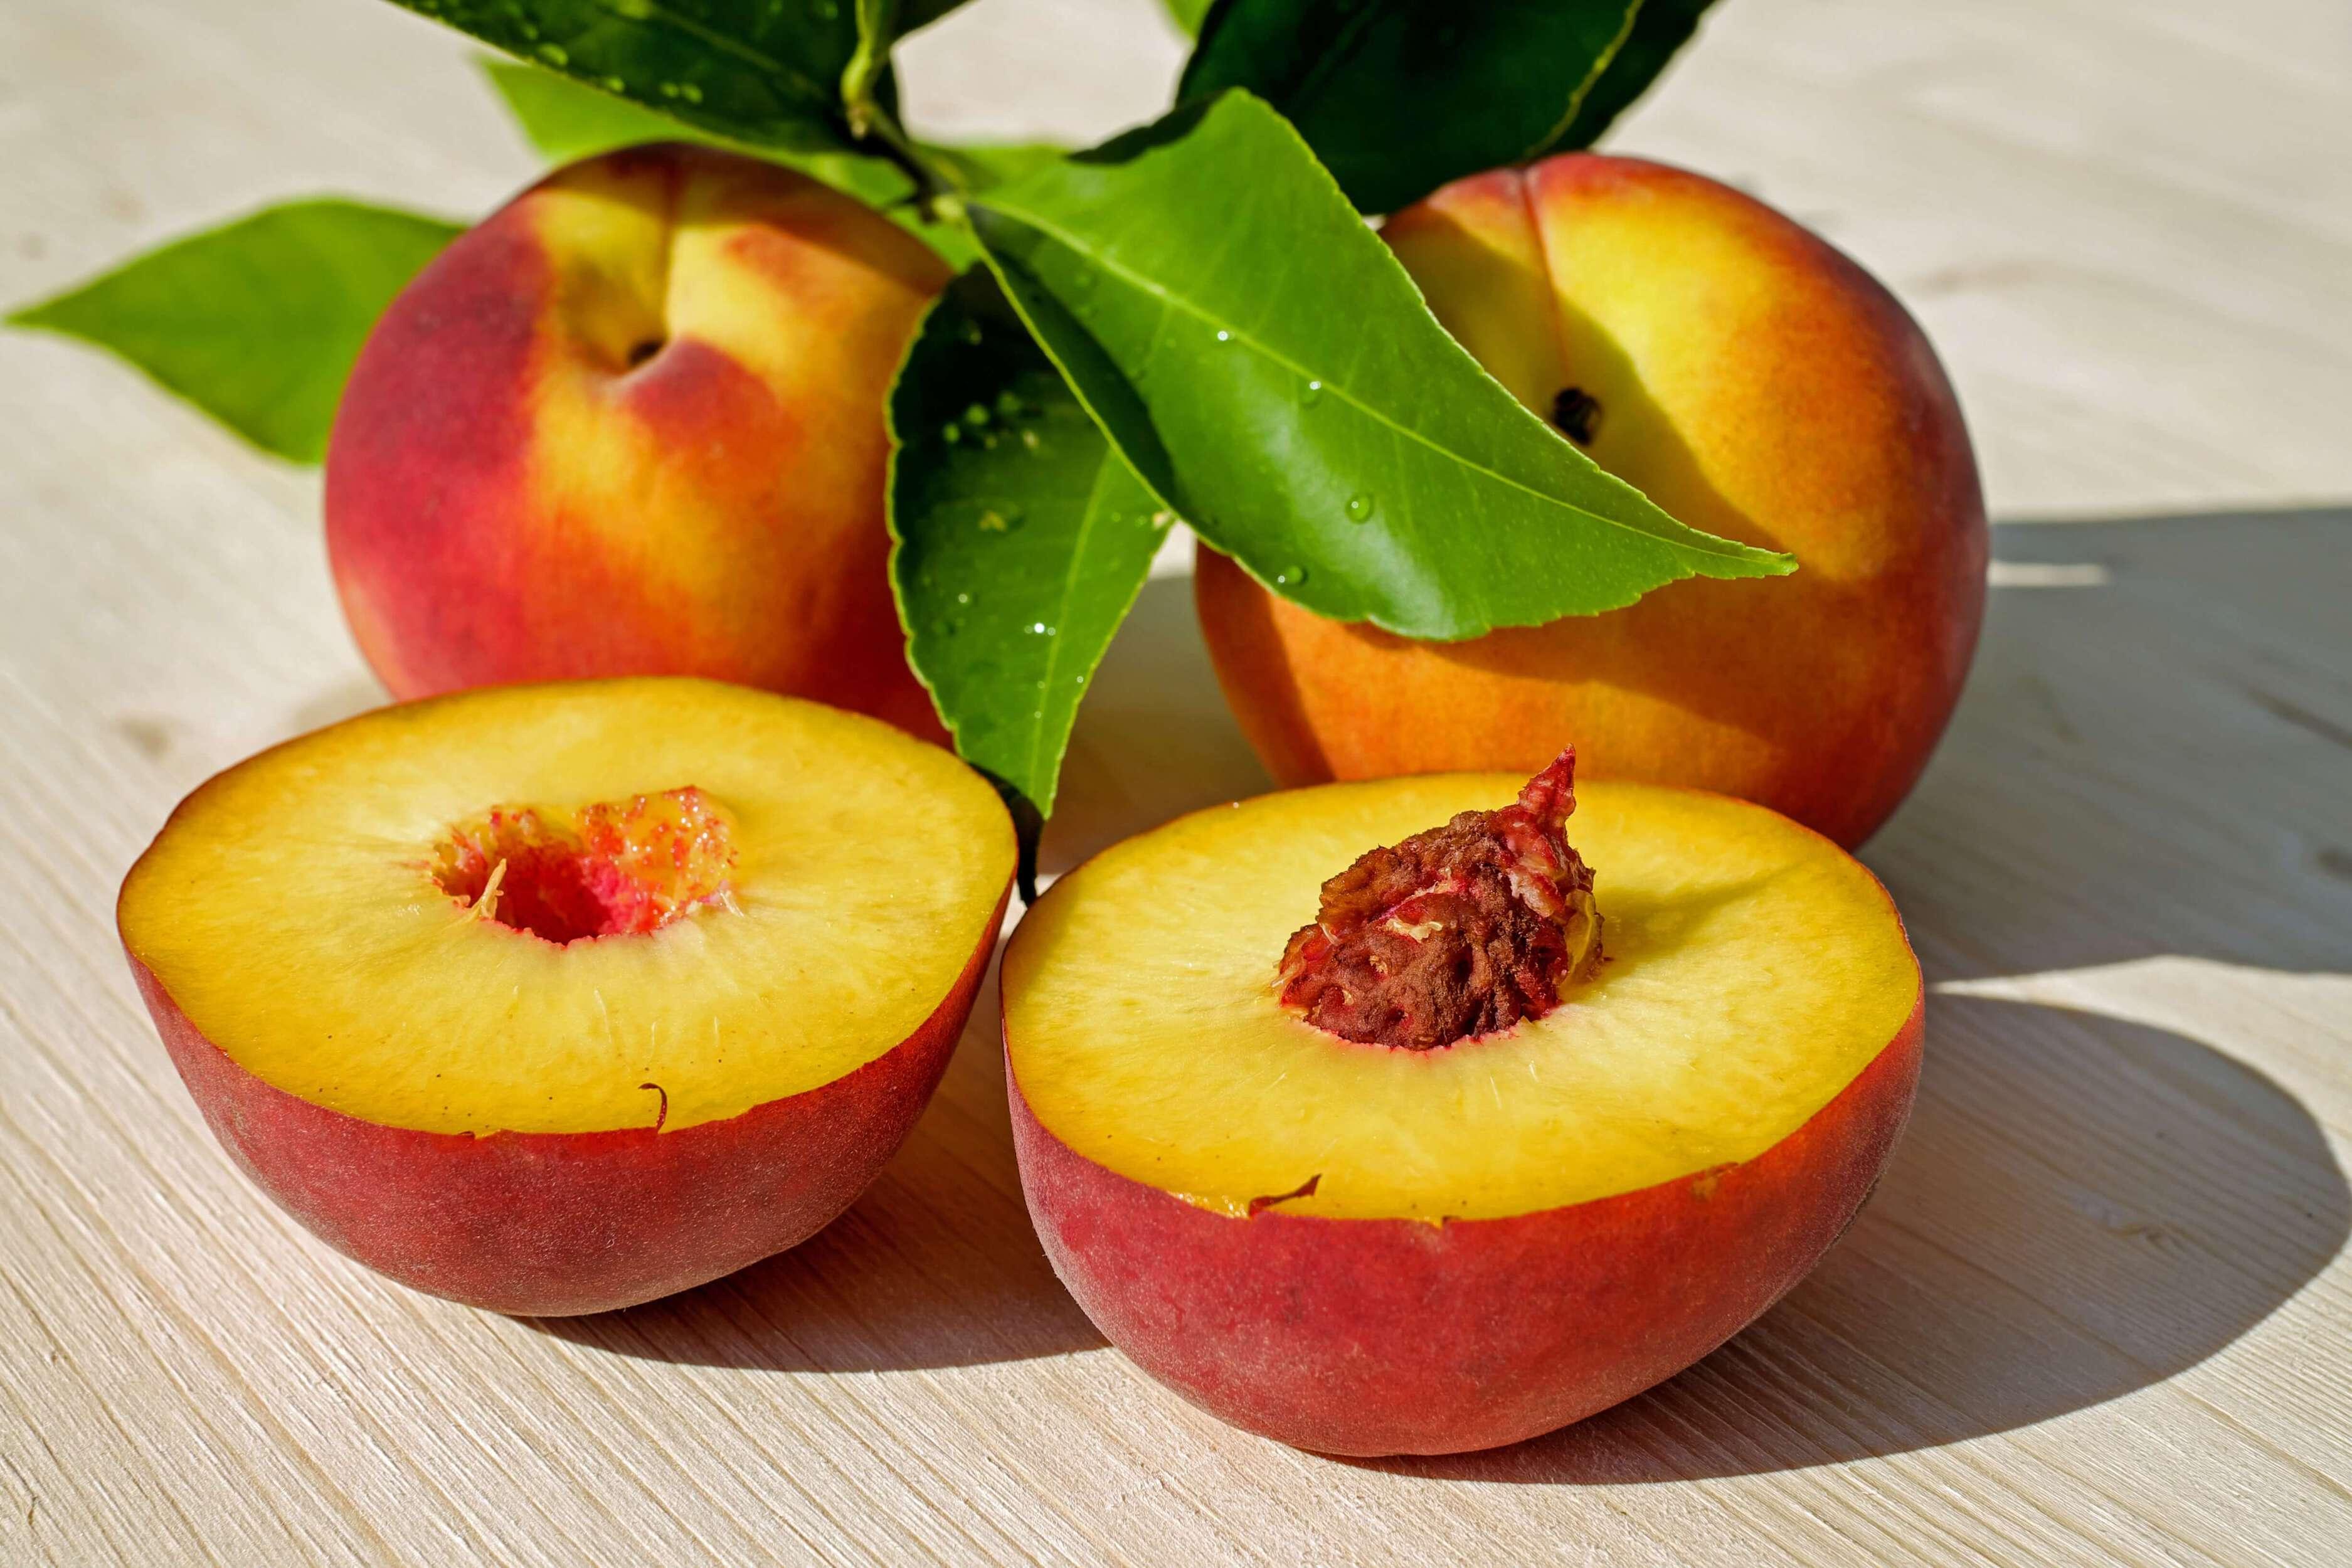 şeftali meyvesi